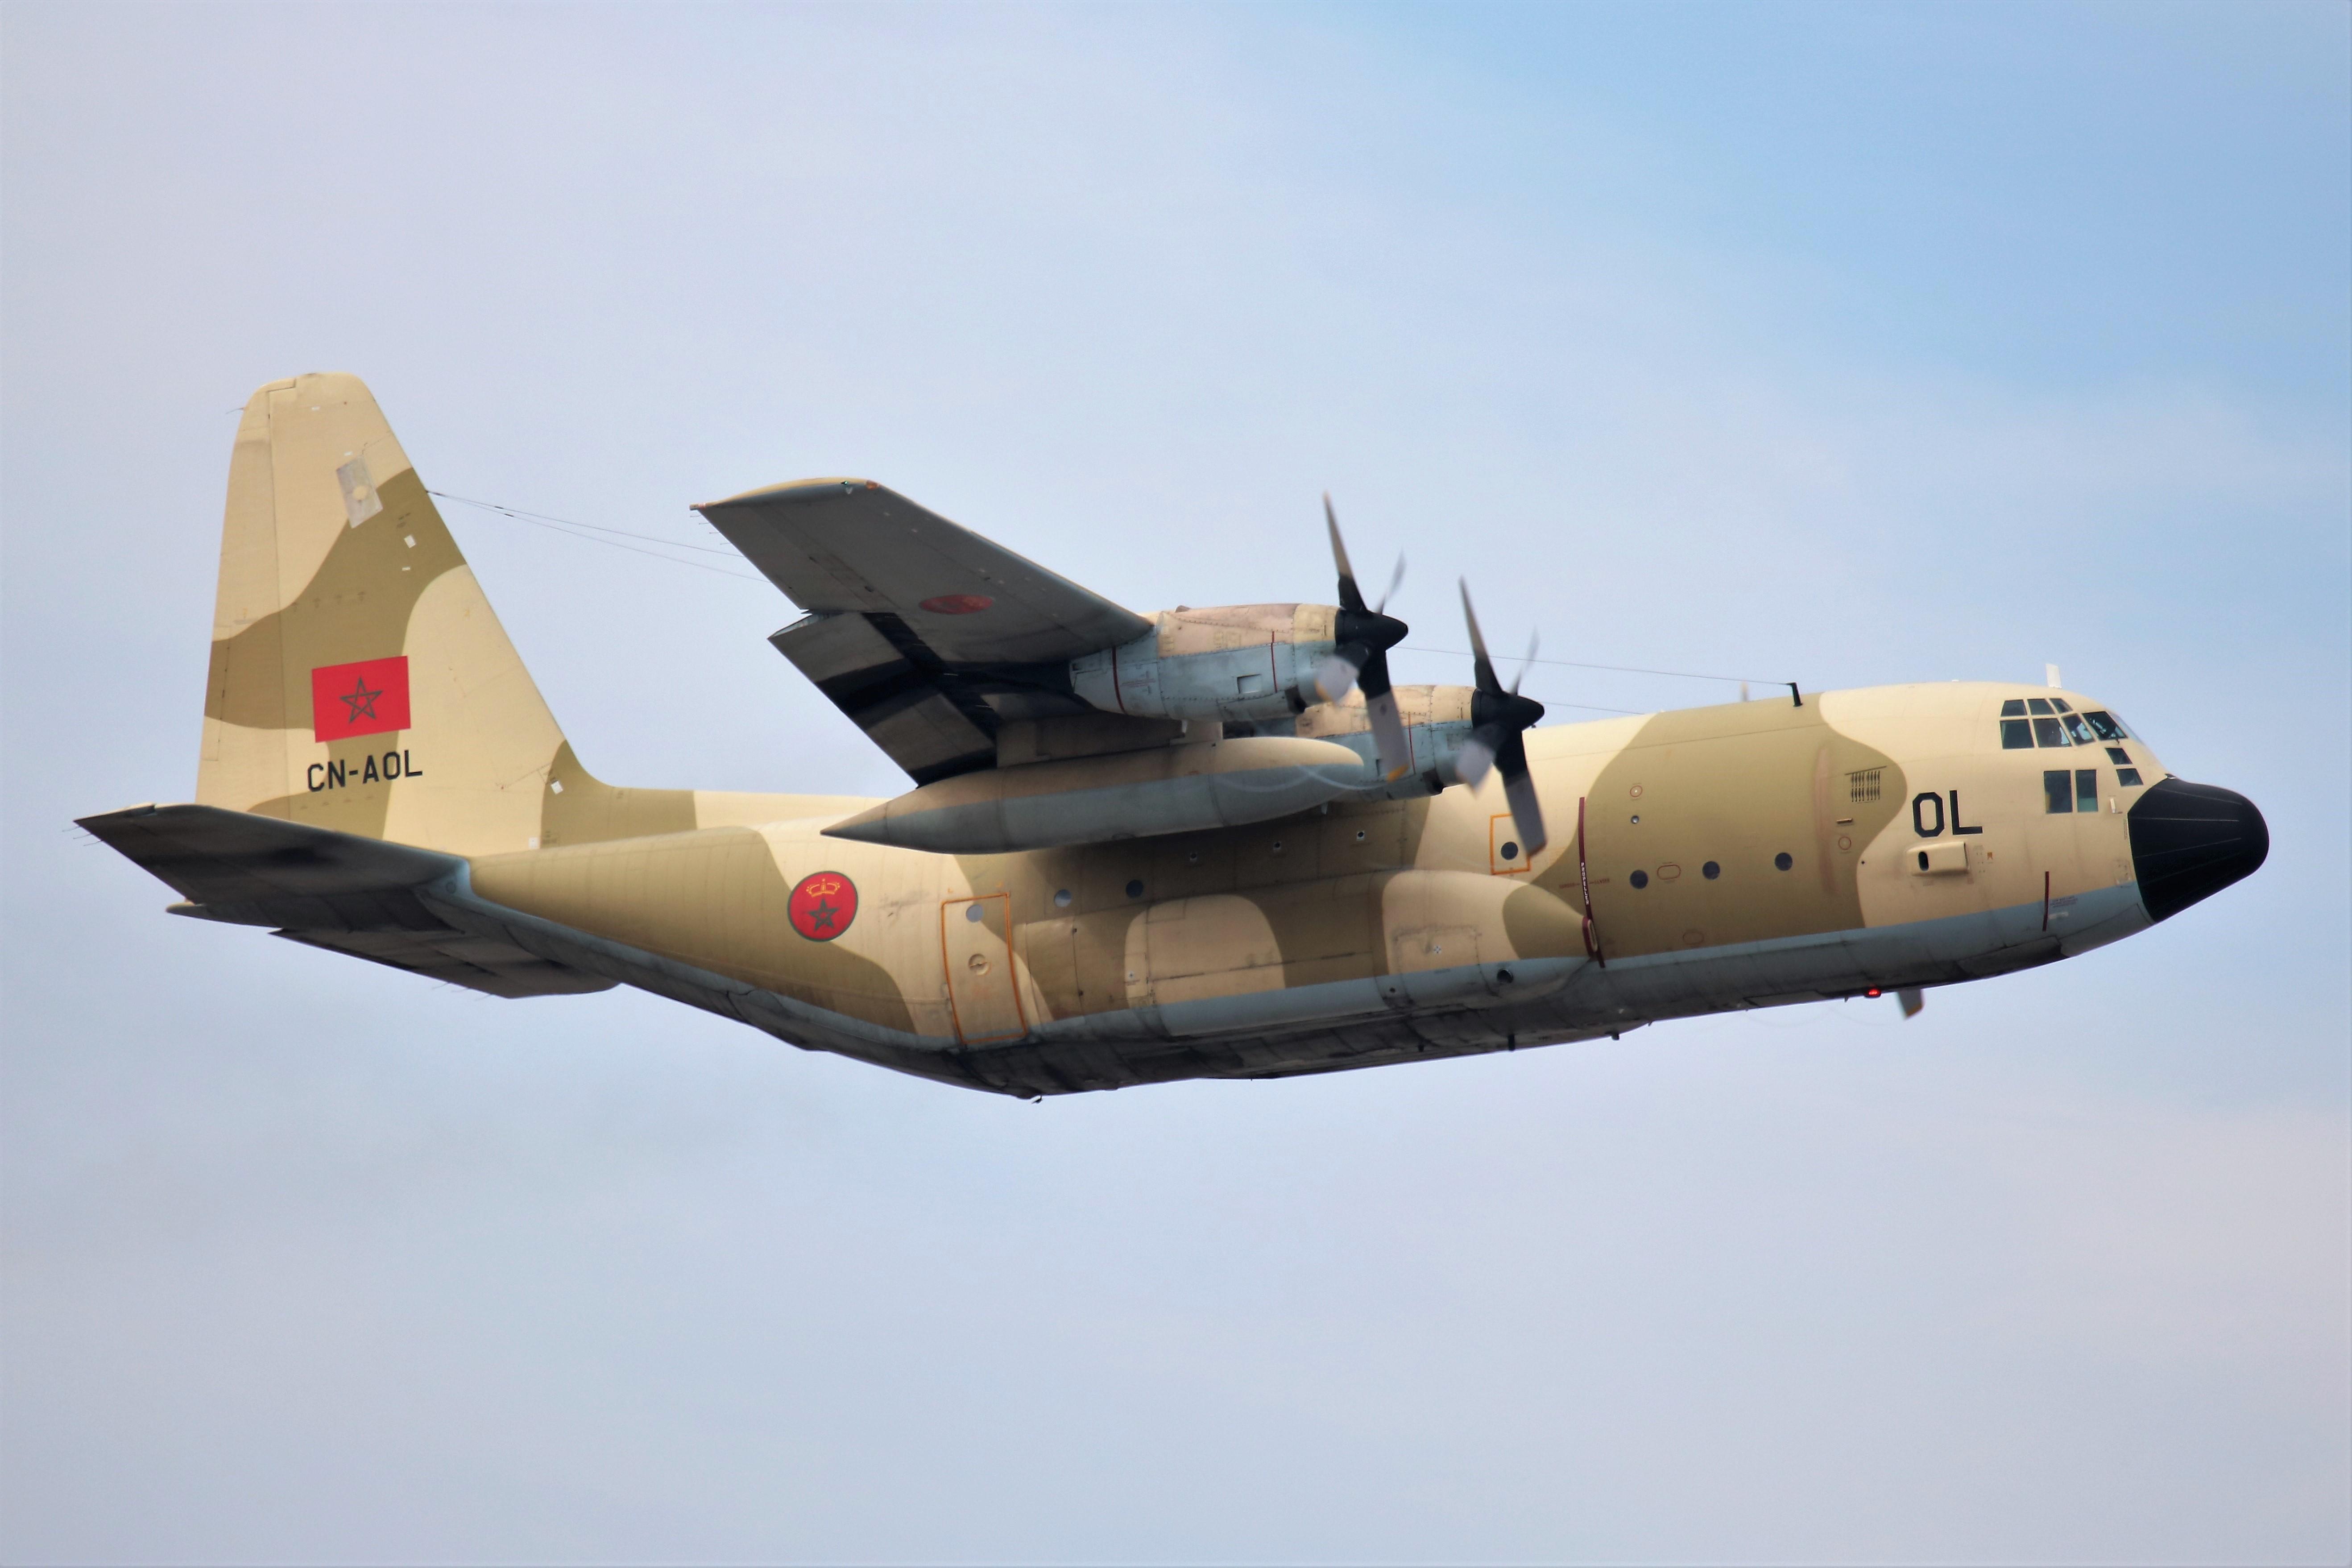 FRA: Photos d'avions de transport - Page 37 40428409583_7e5f916896_o